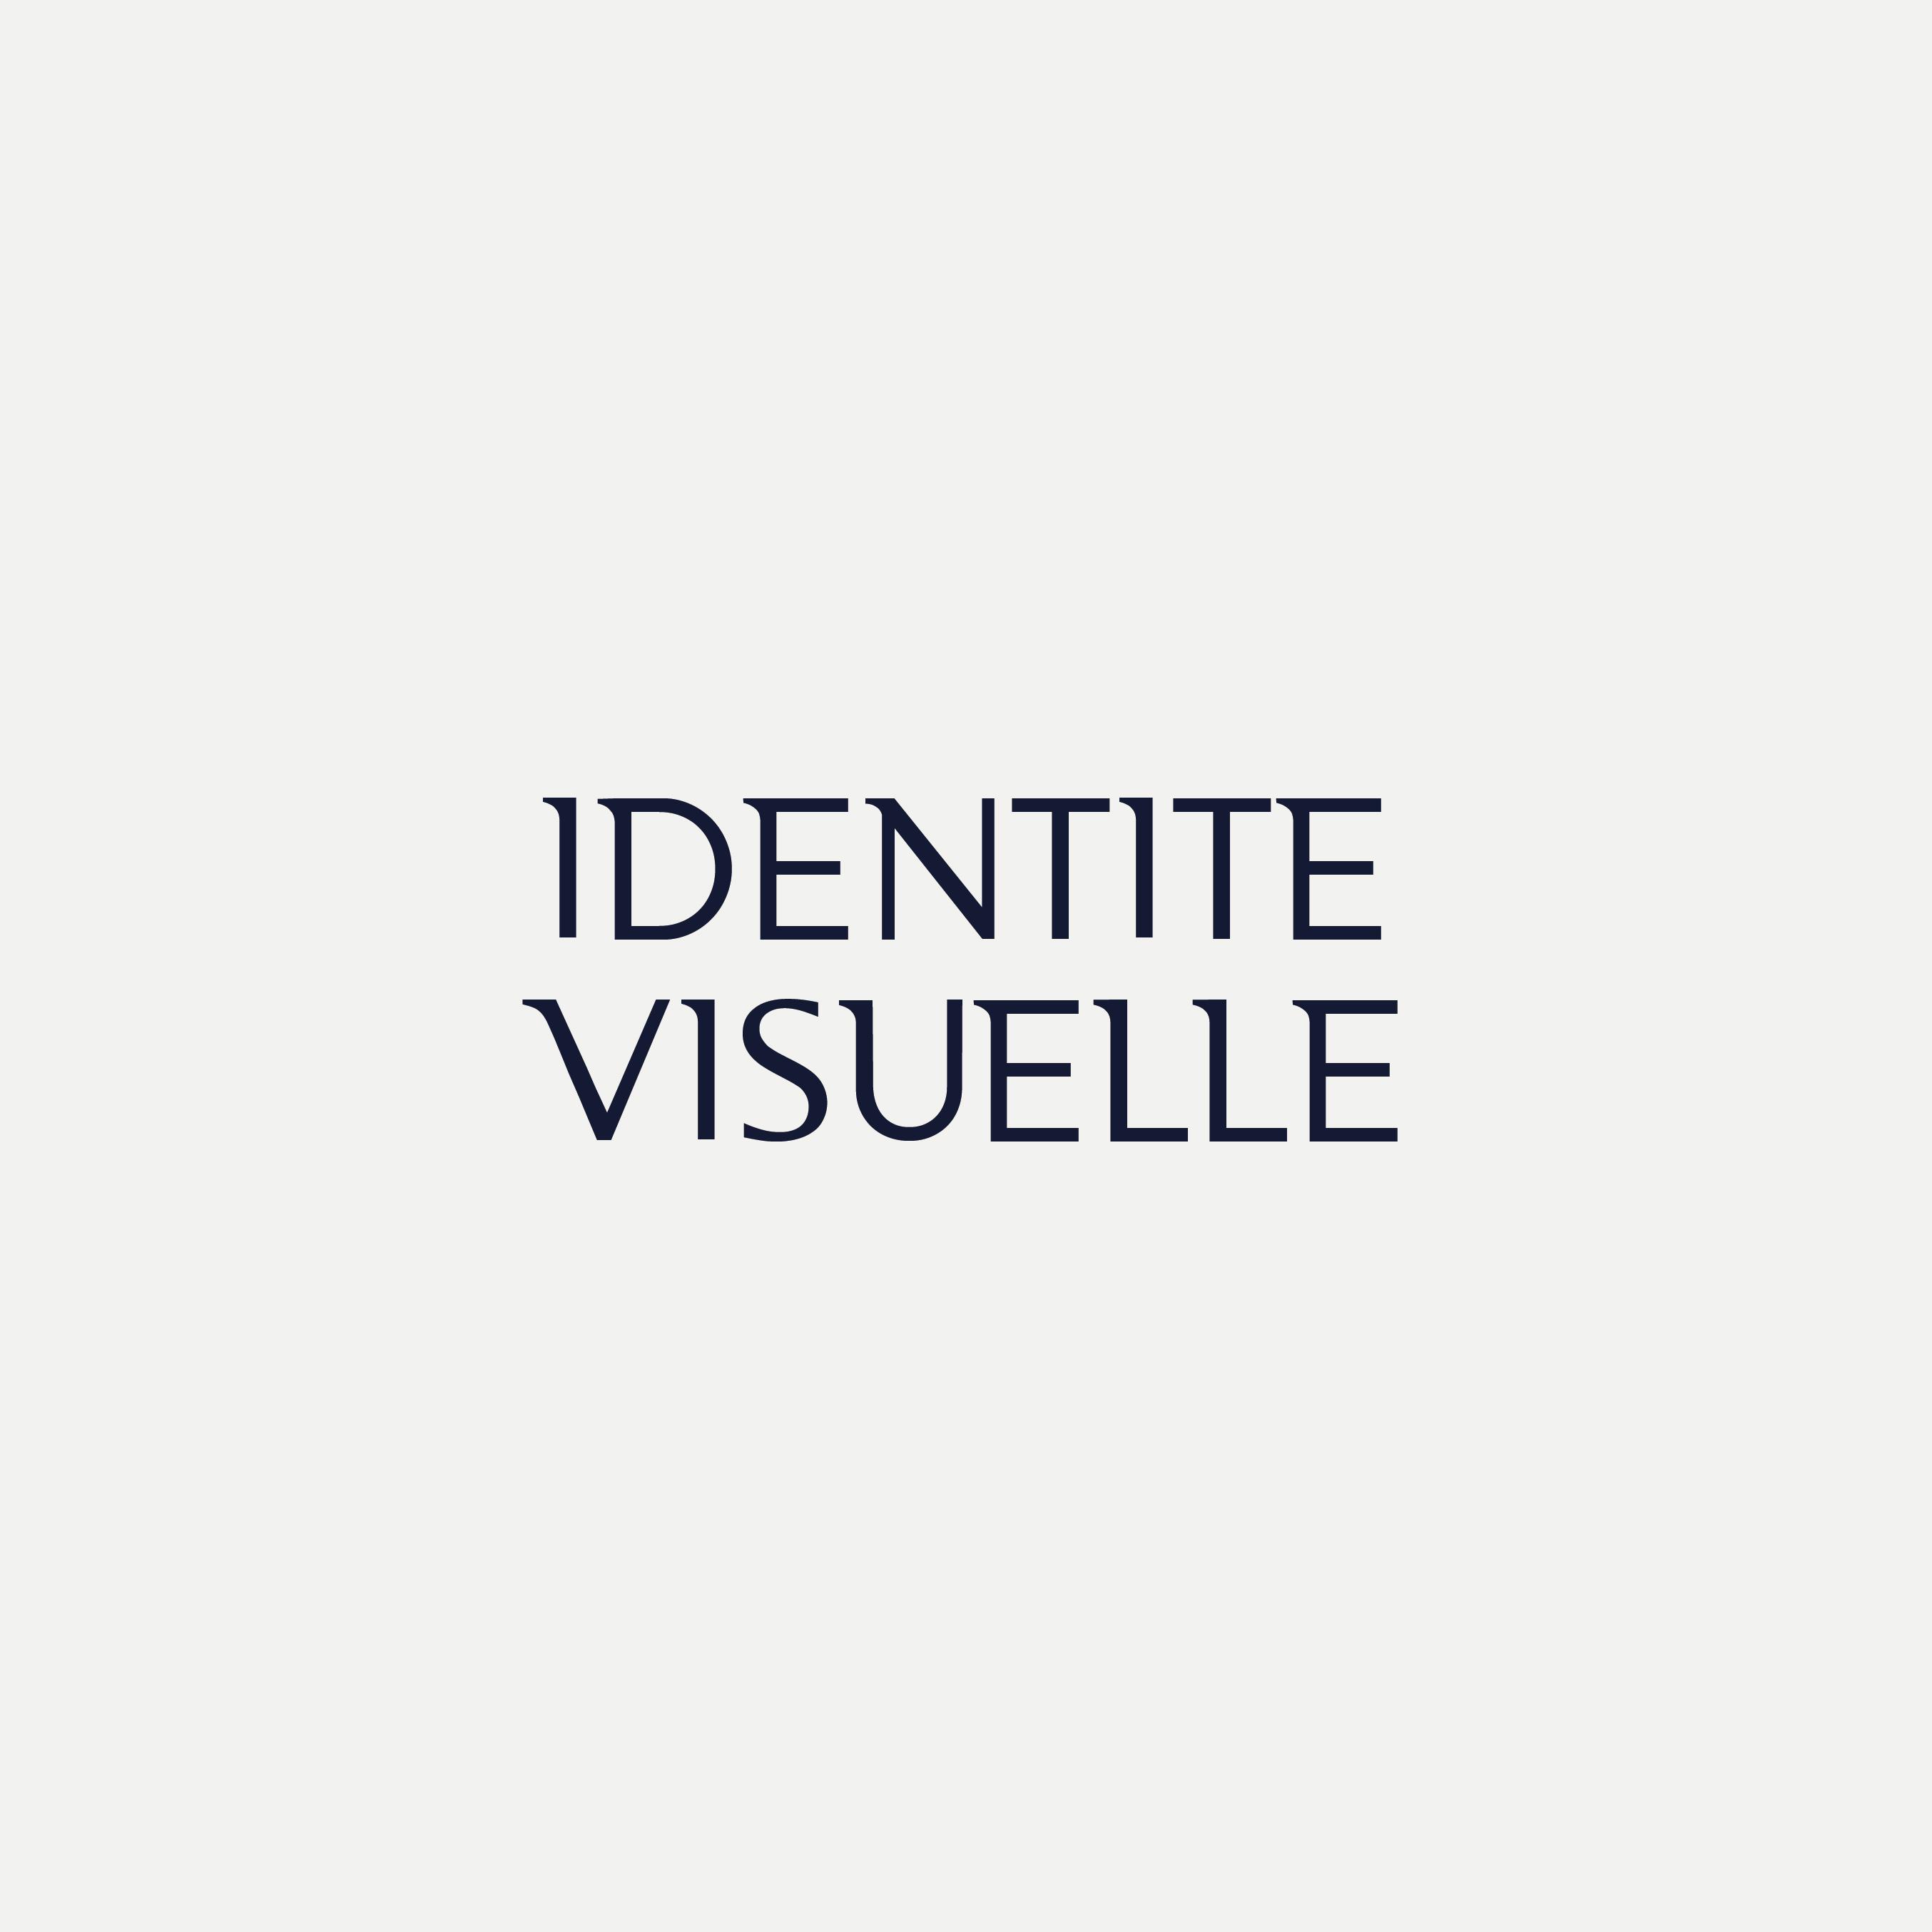 Graphiste-Montpellier-9, création-graphique-& Papeterie, logo, identite-visuelle, affiche, communication, creationdelogo-montpelliersur-mesure